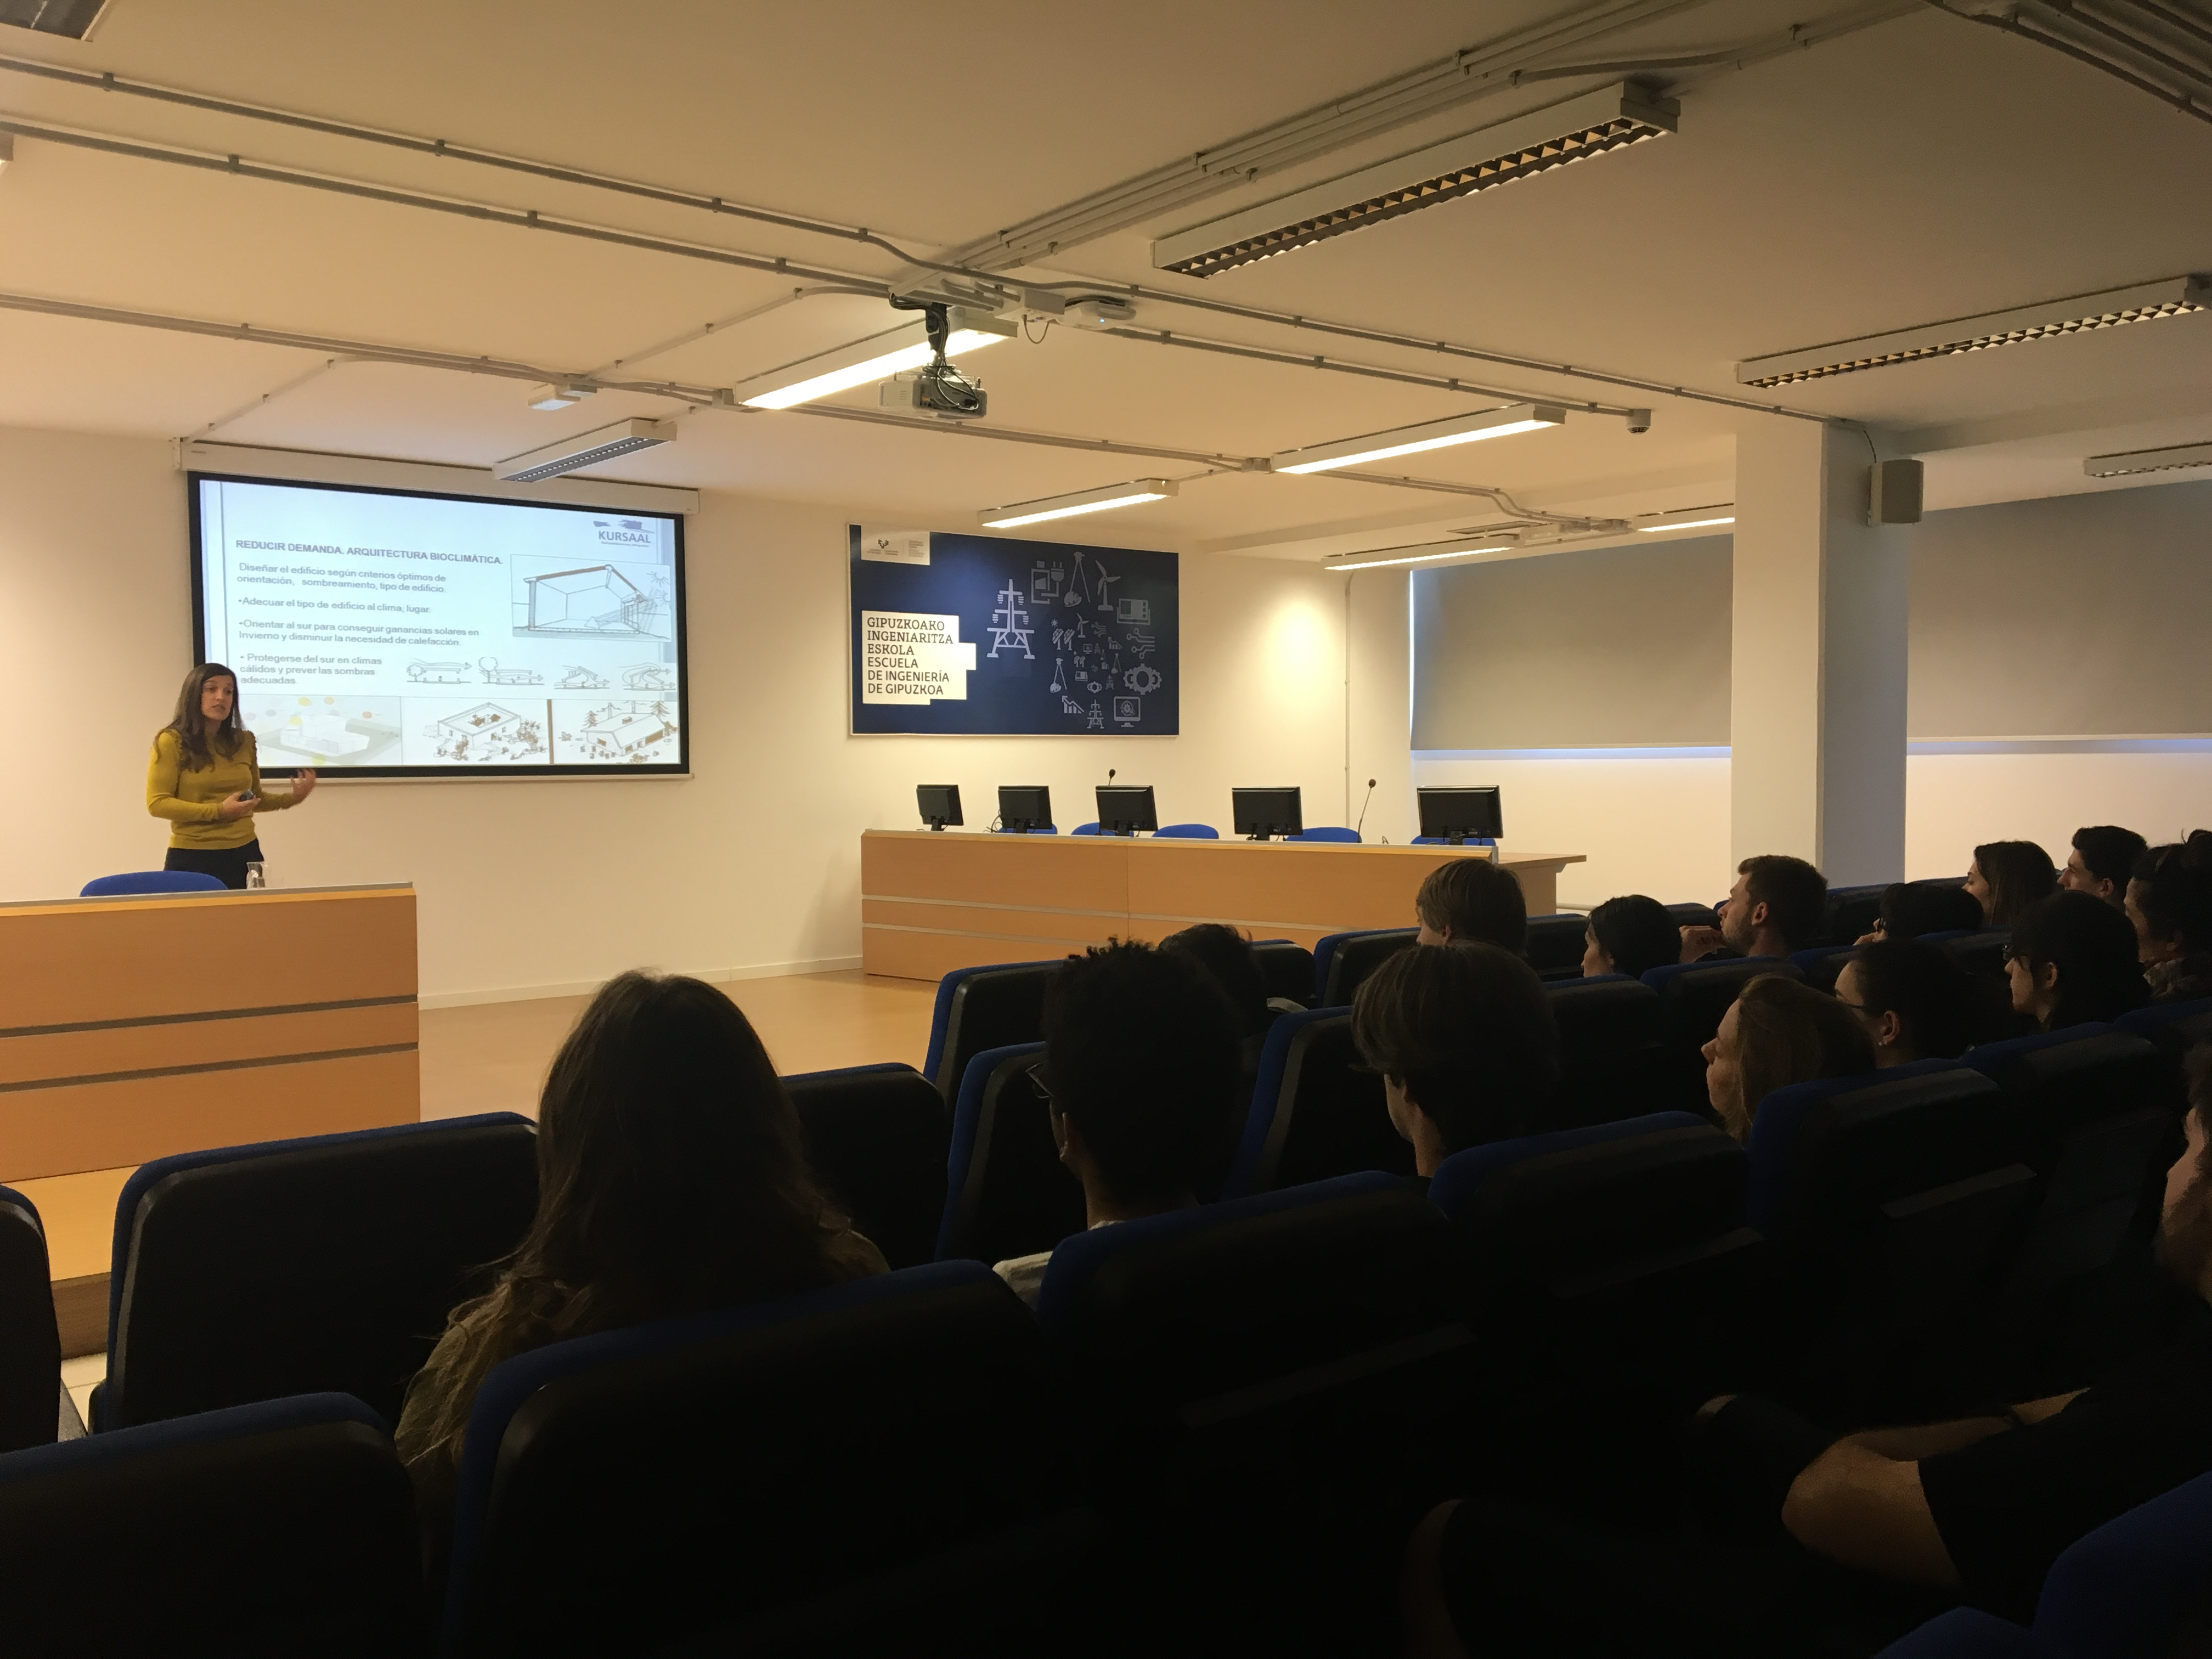 Kursaal green hemos impartido una charla en la escuela - Escuela superior de arquitectura de san sebastian ...